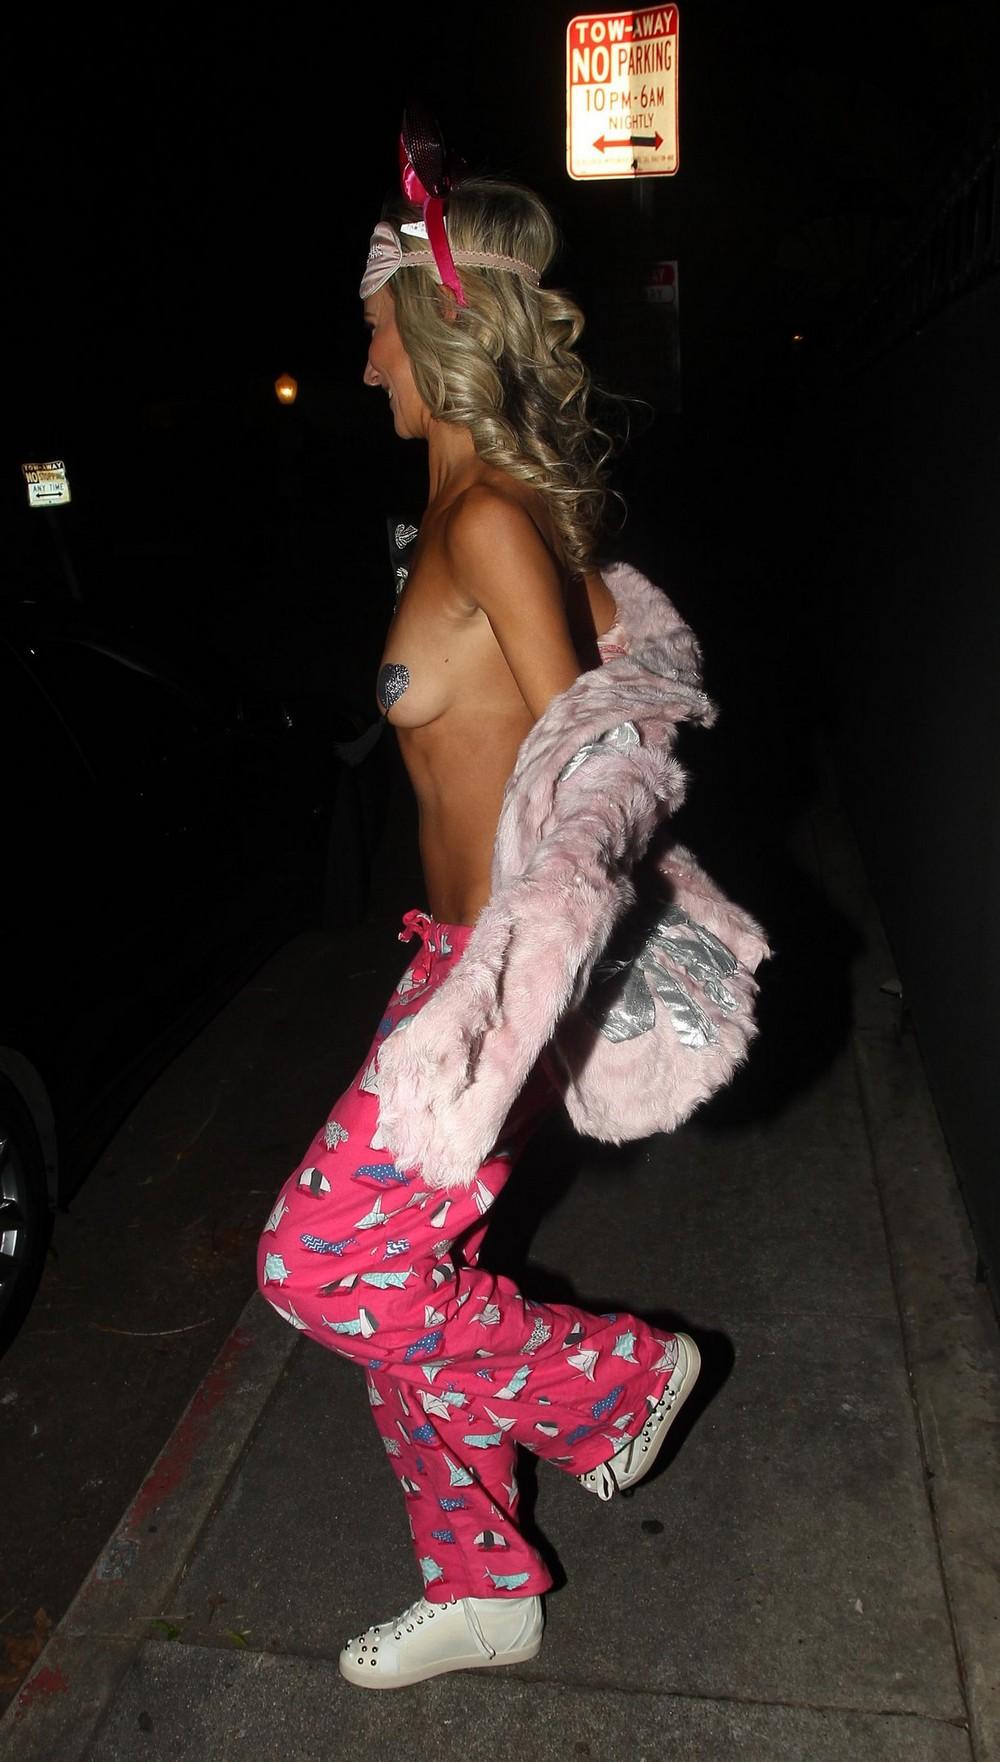 Леди Виктория Херви огалила тощее тельце на улице